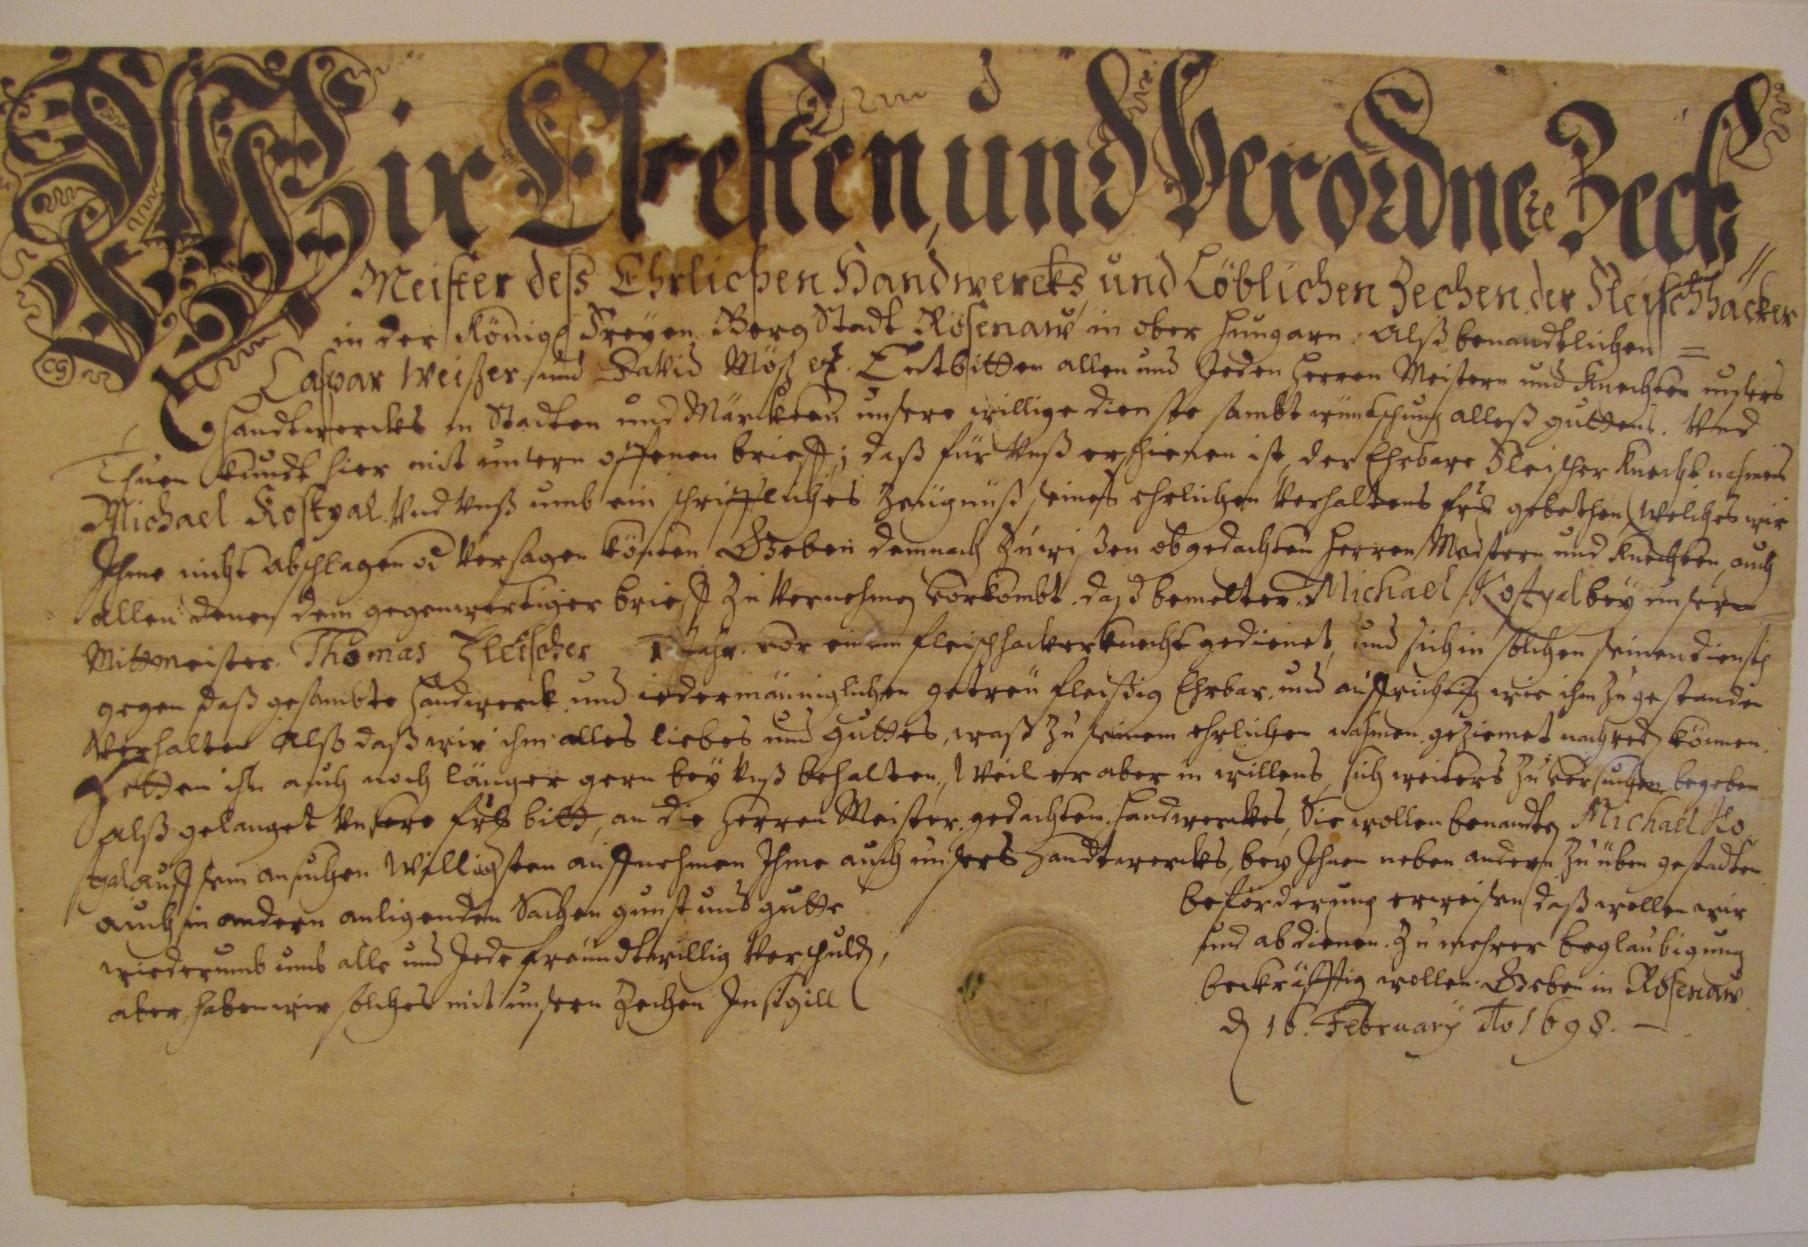 A mészáros céh által kiadott segédlevél, 1698. Fotó S. Holečková